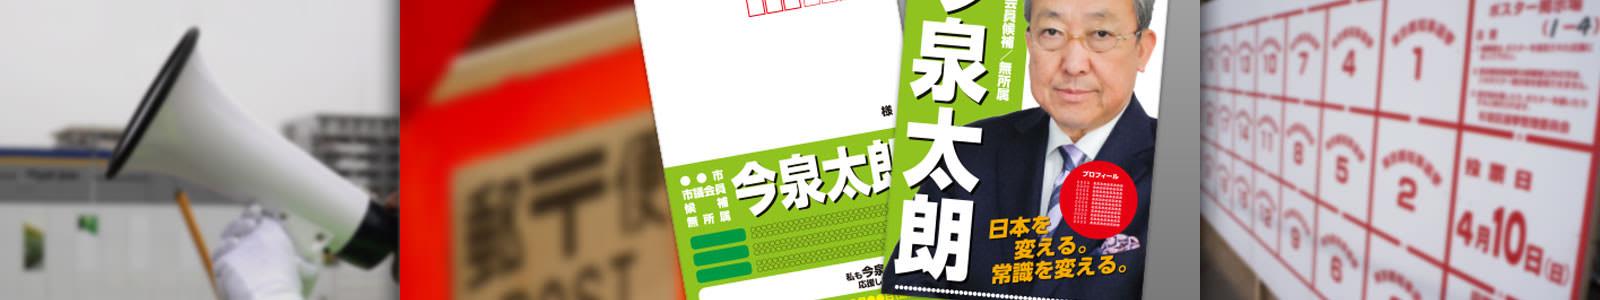 選挙ハガキ印刷について